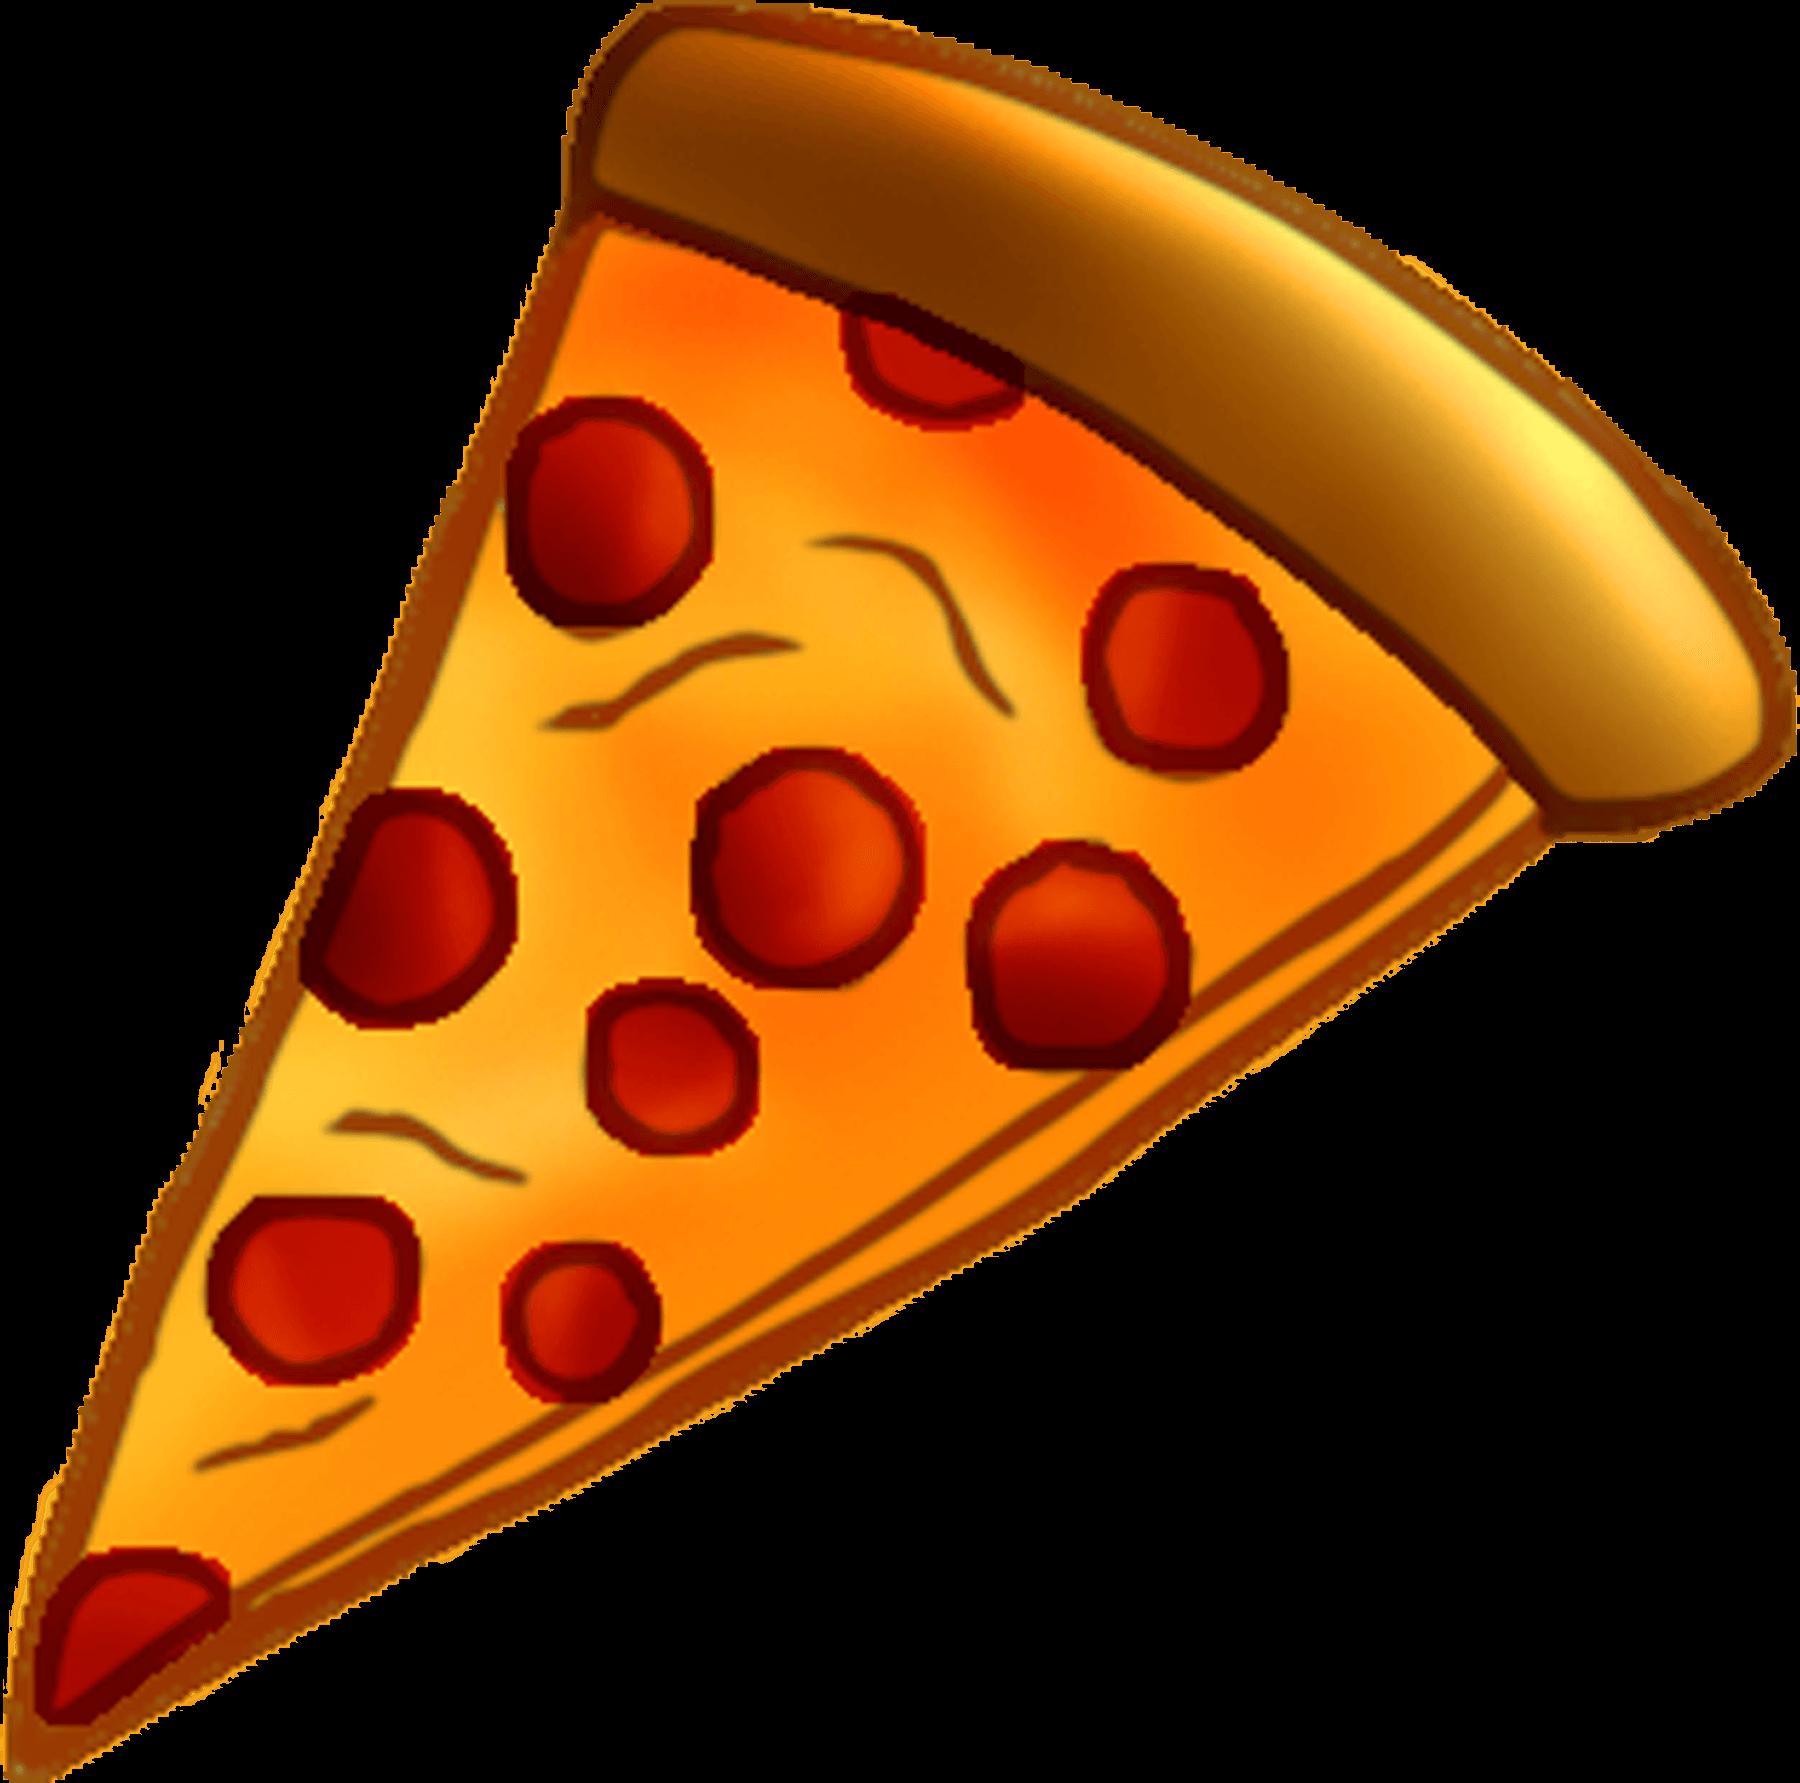 Pan clipart pizza pan, Pan pizza pan Transparent FREE for.